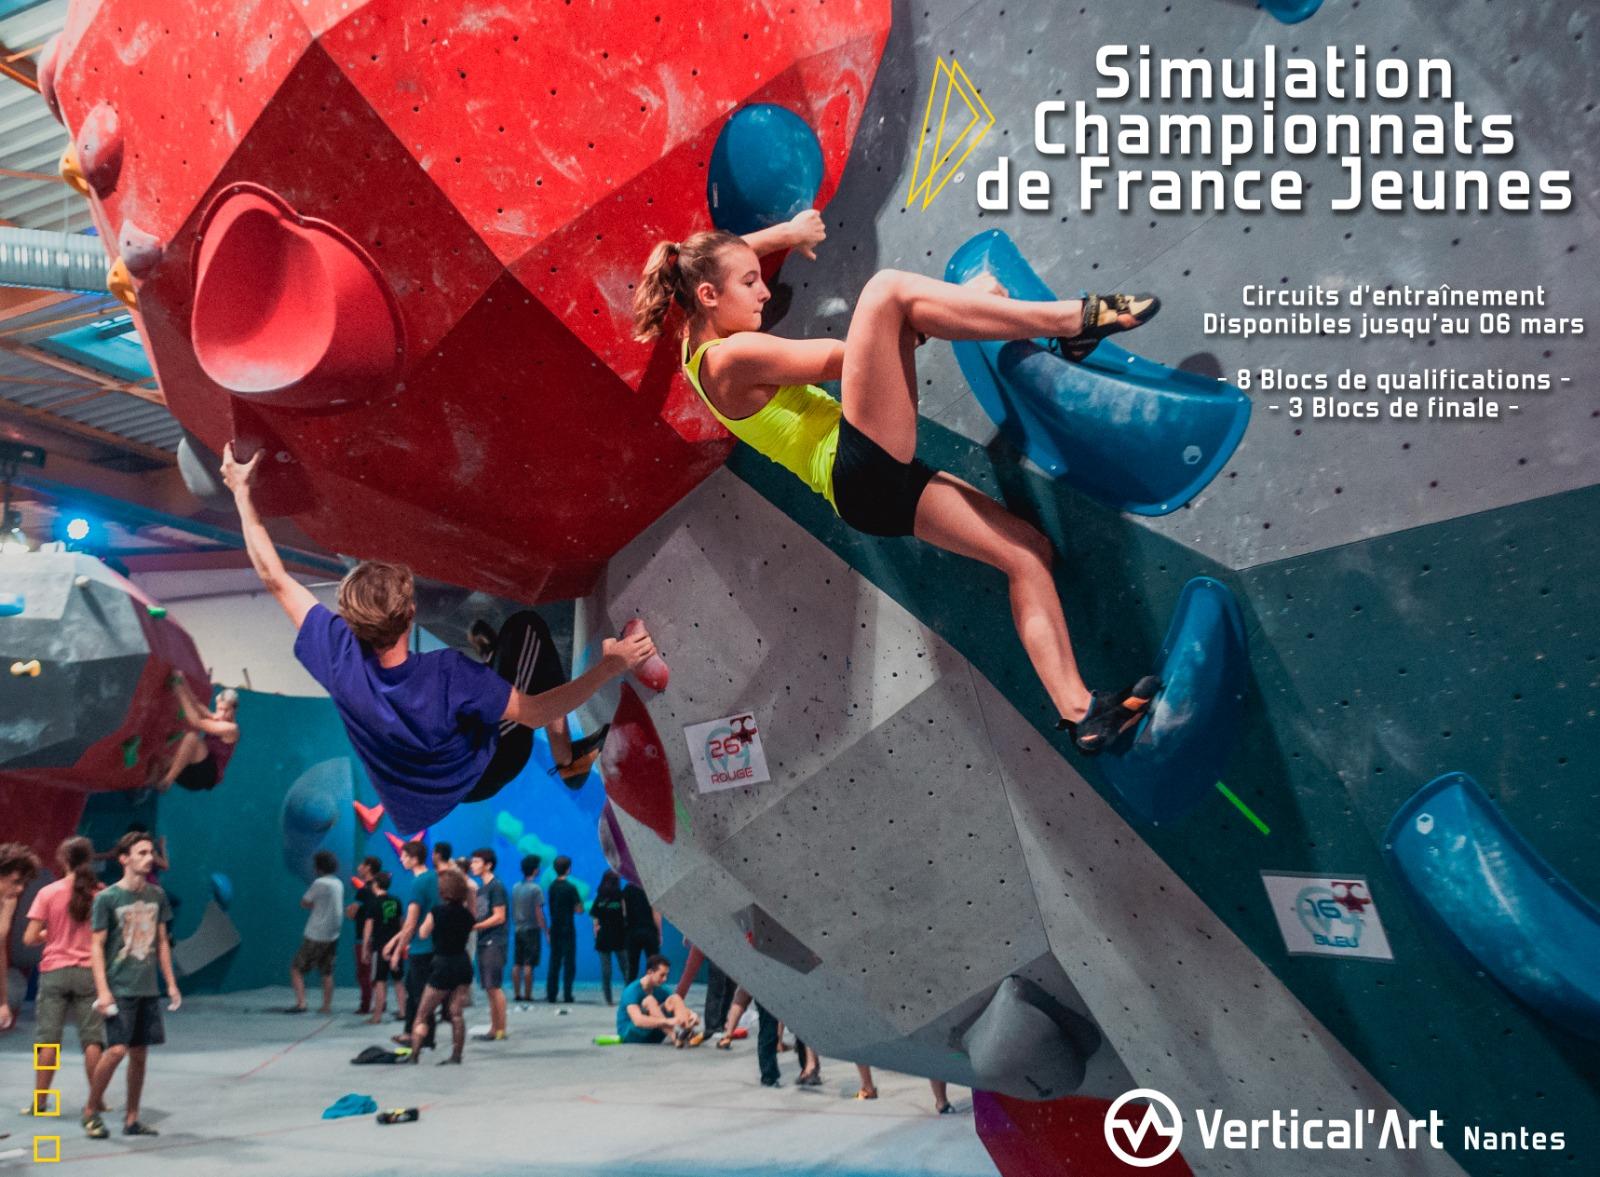 Préparation championnats de France- Simulation compétition - escalade de bloc - Vertical'Art nantes